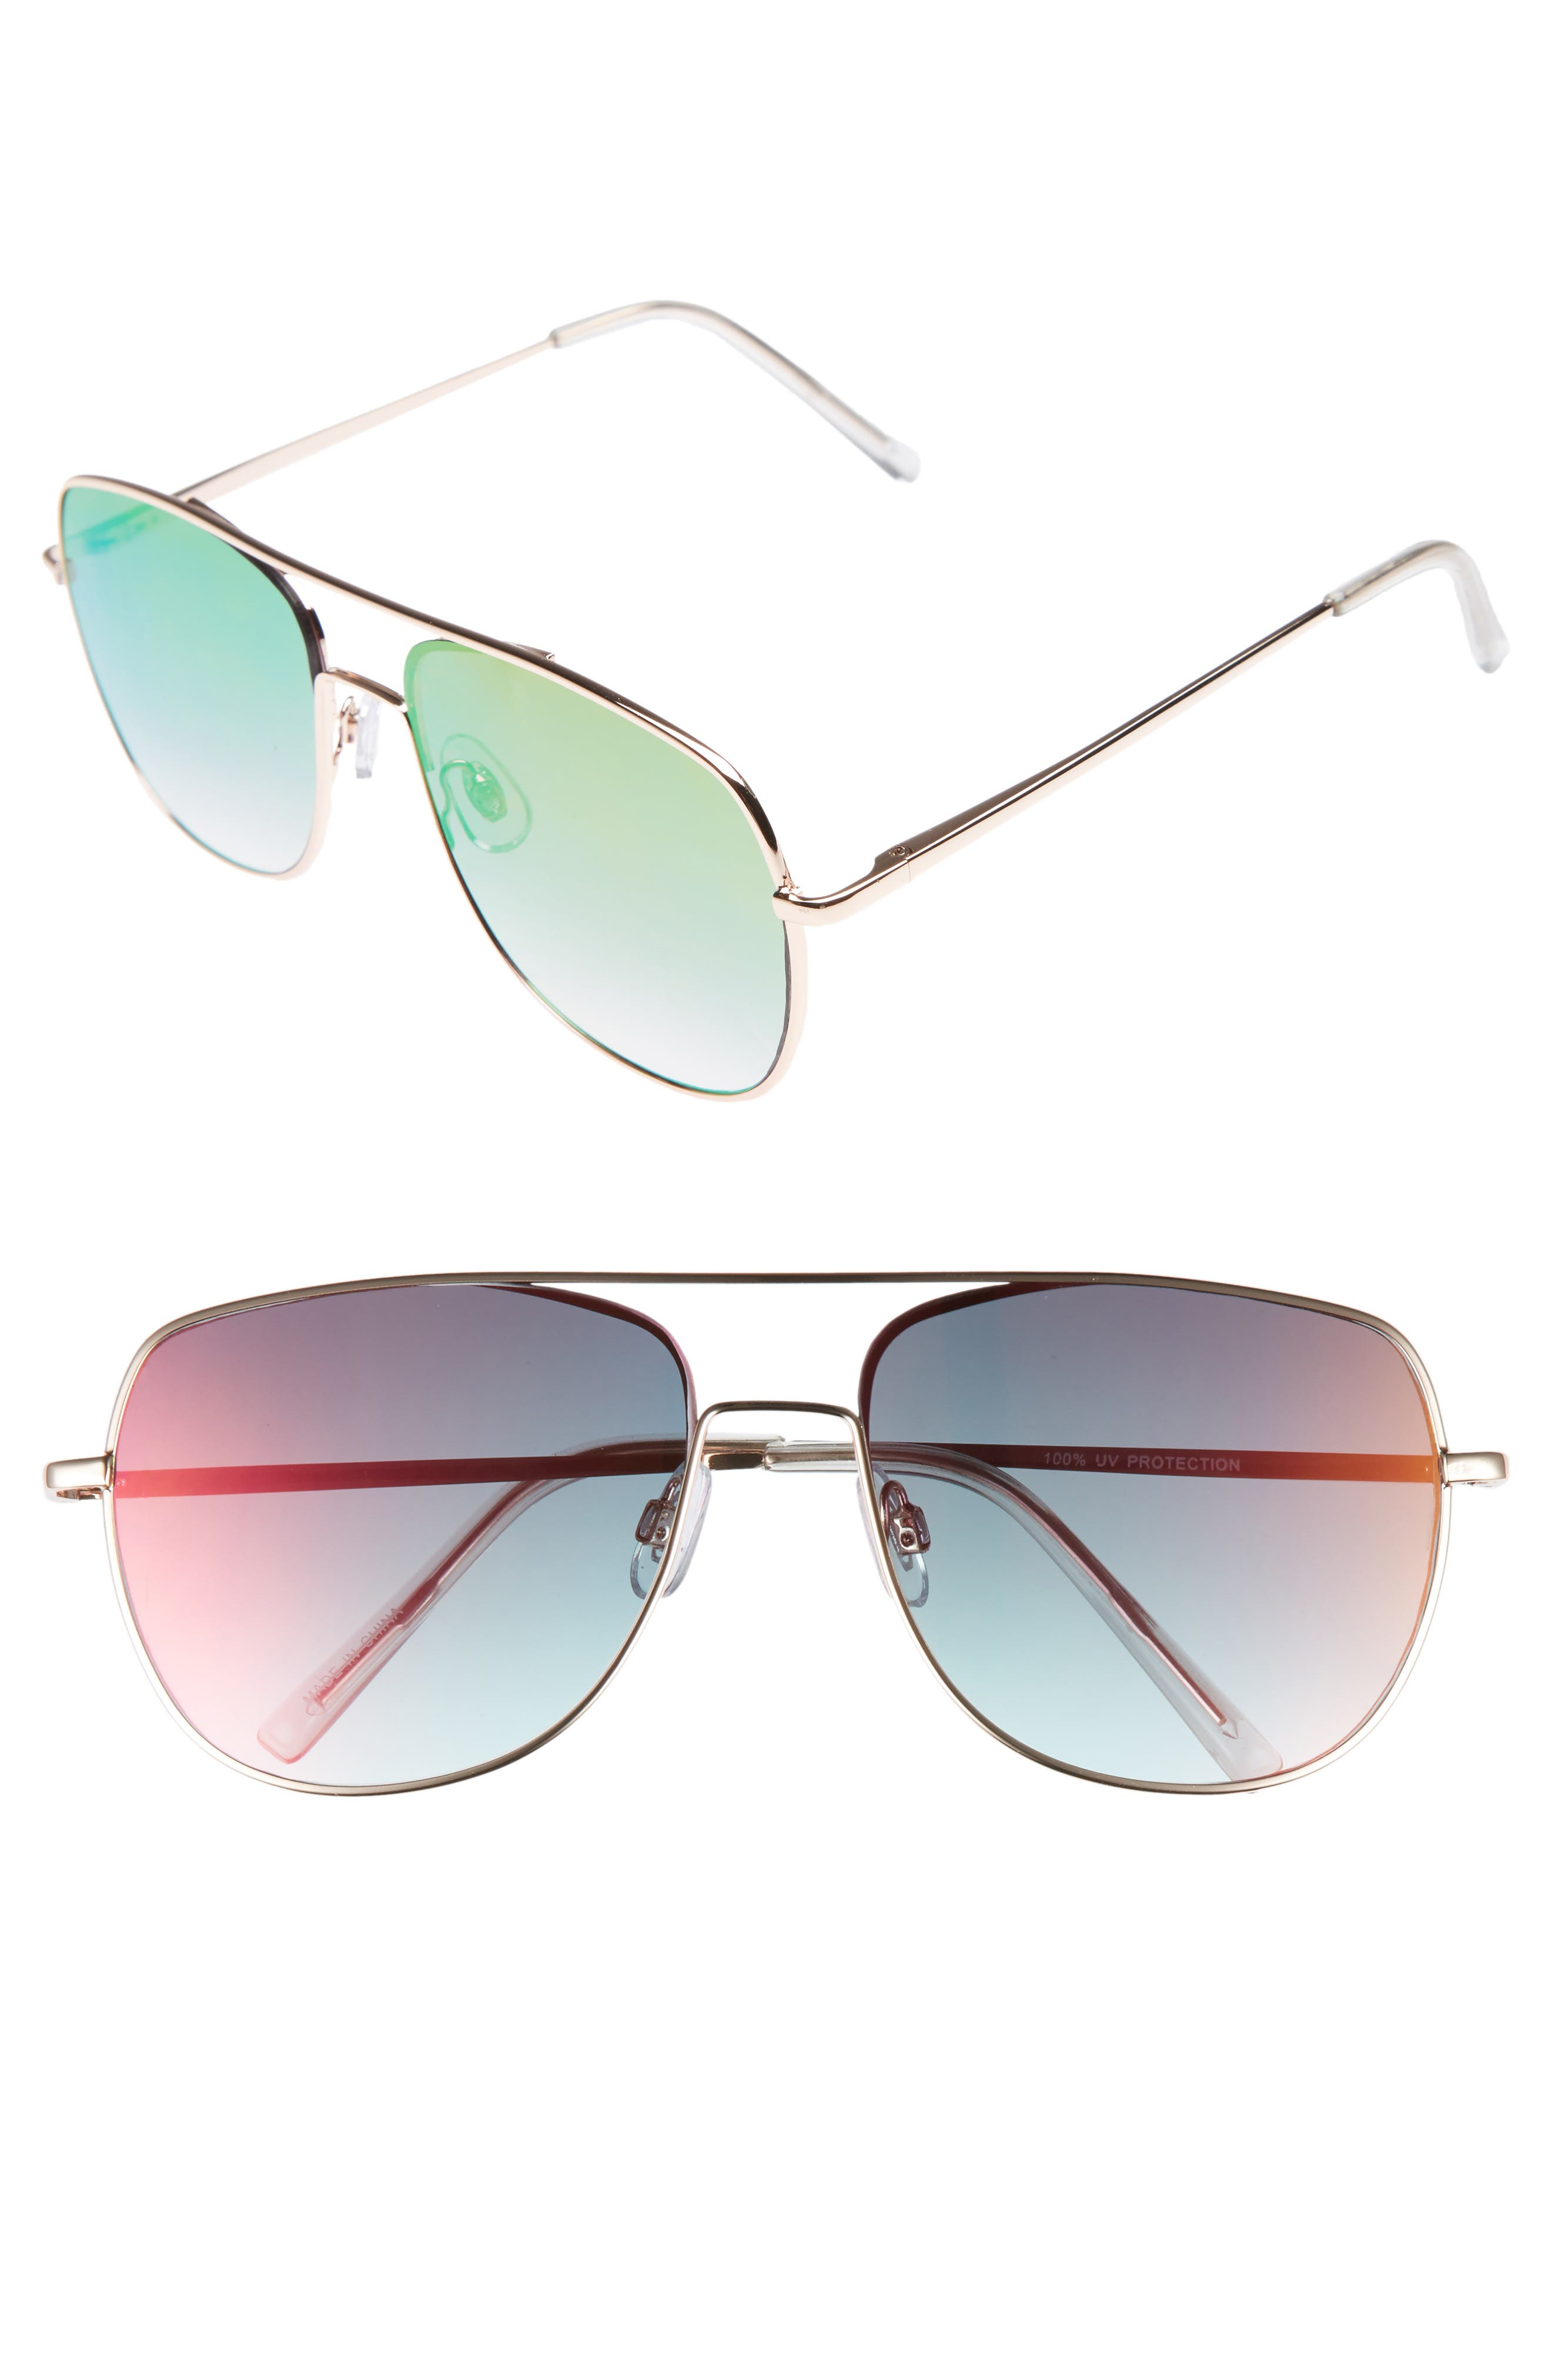 Main Image - BP. 58mm Aviator Sunglasses